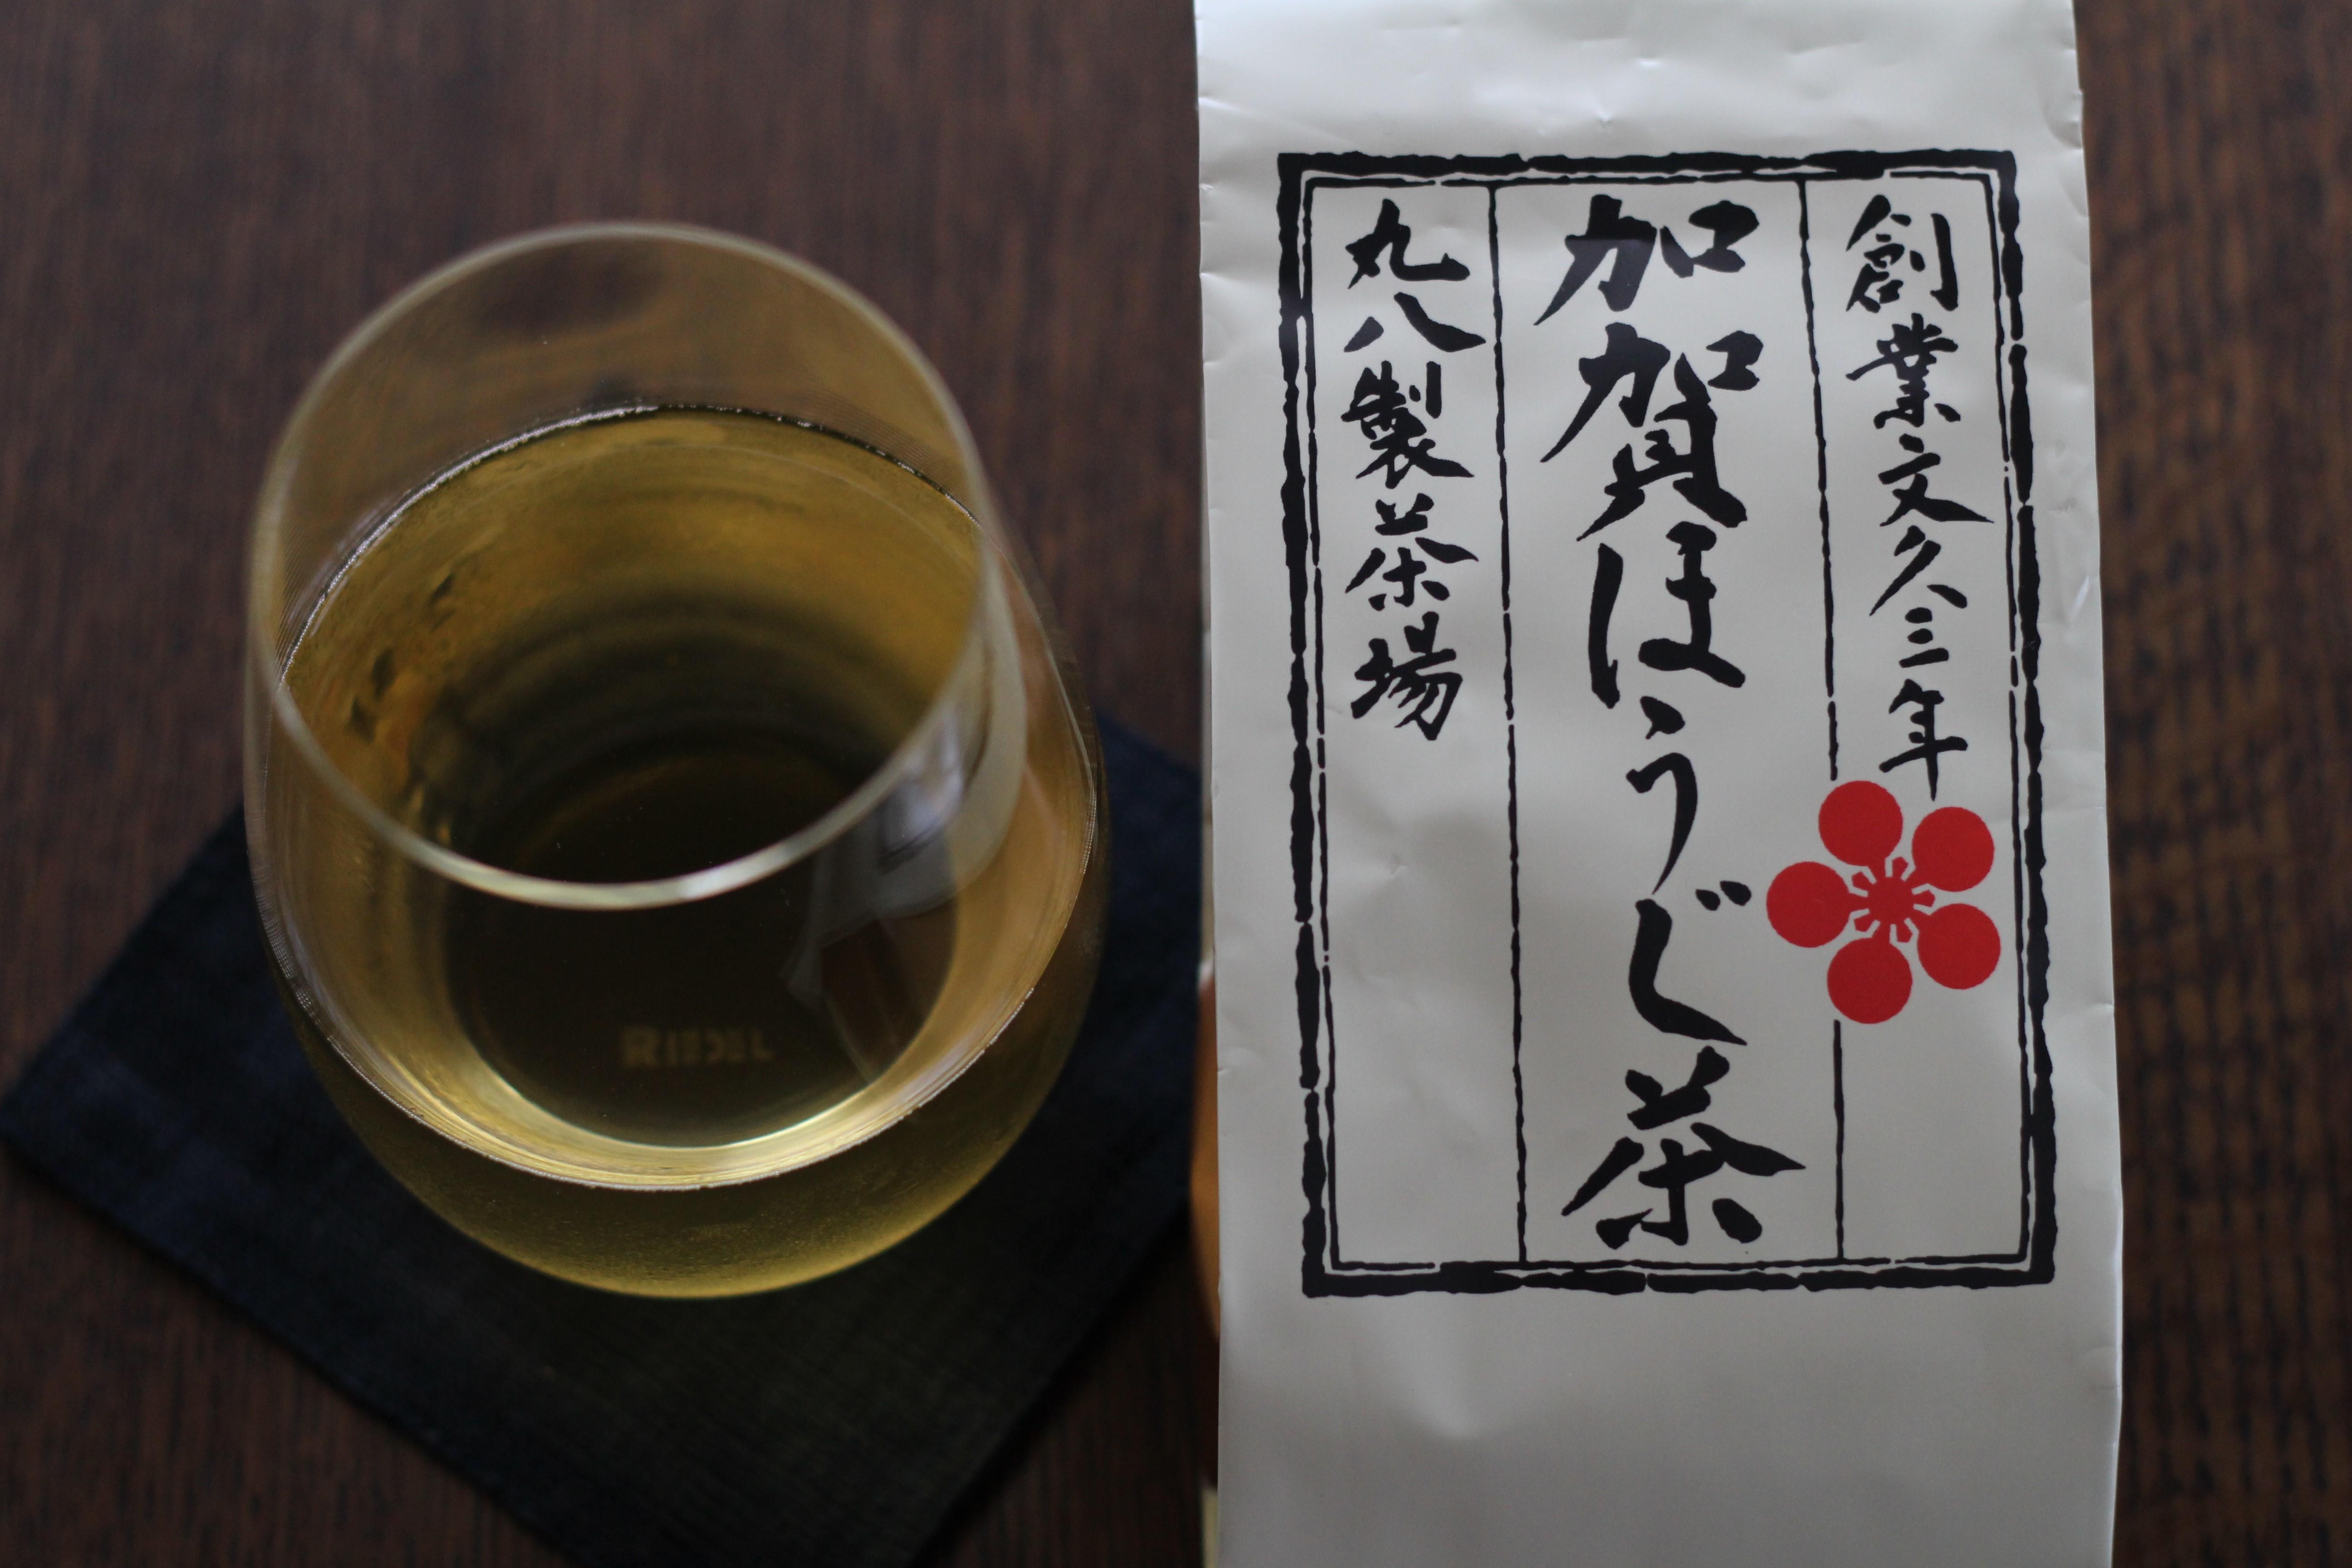 夏は水出しで!とても美味しい献上加賀棒茶_1_1-2